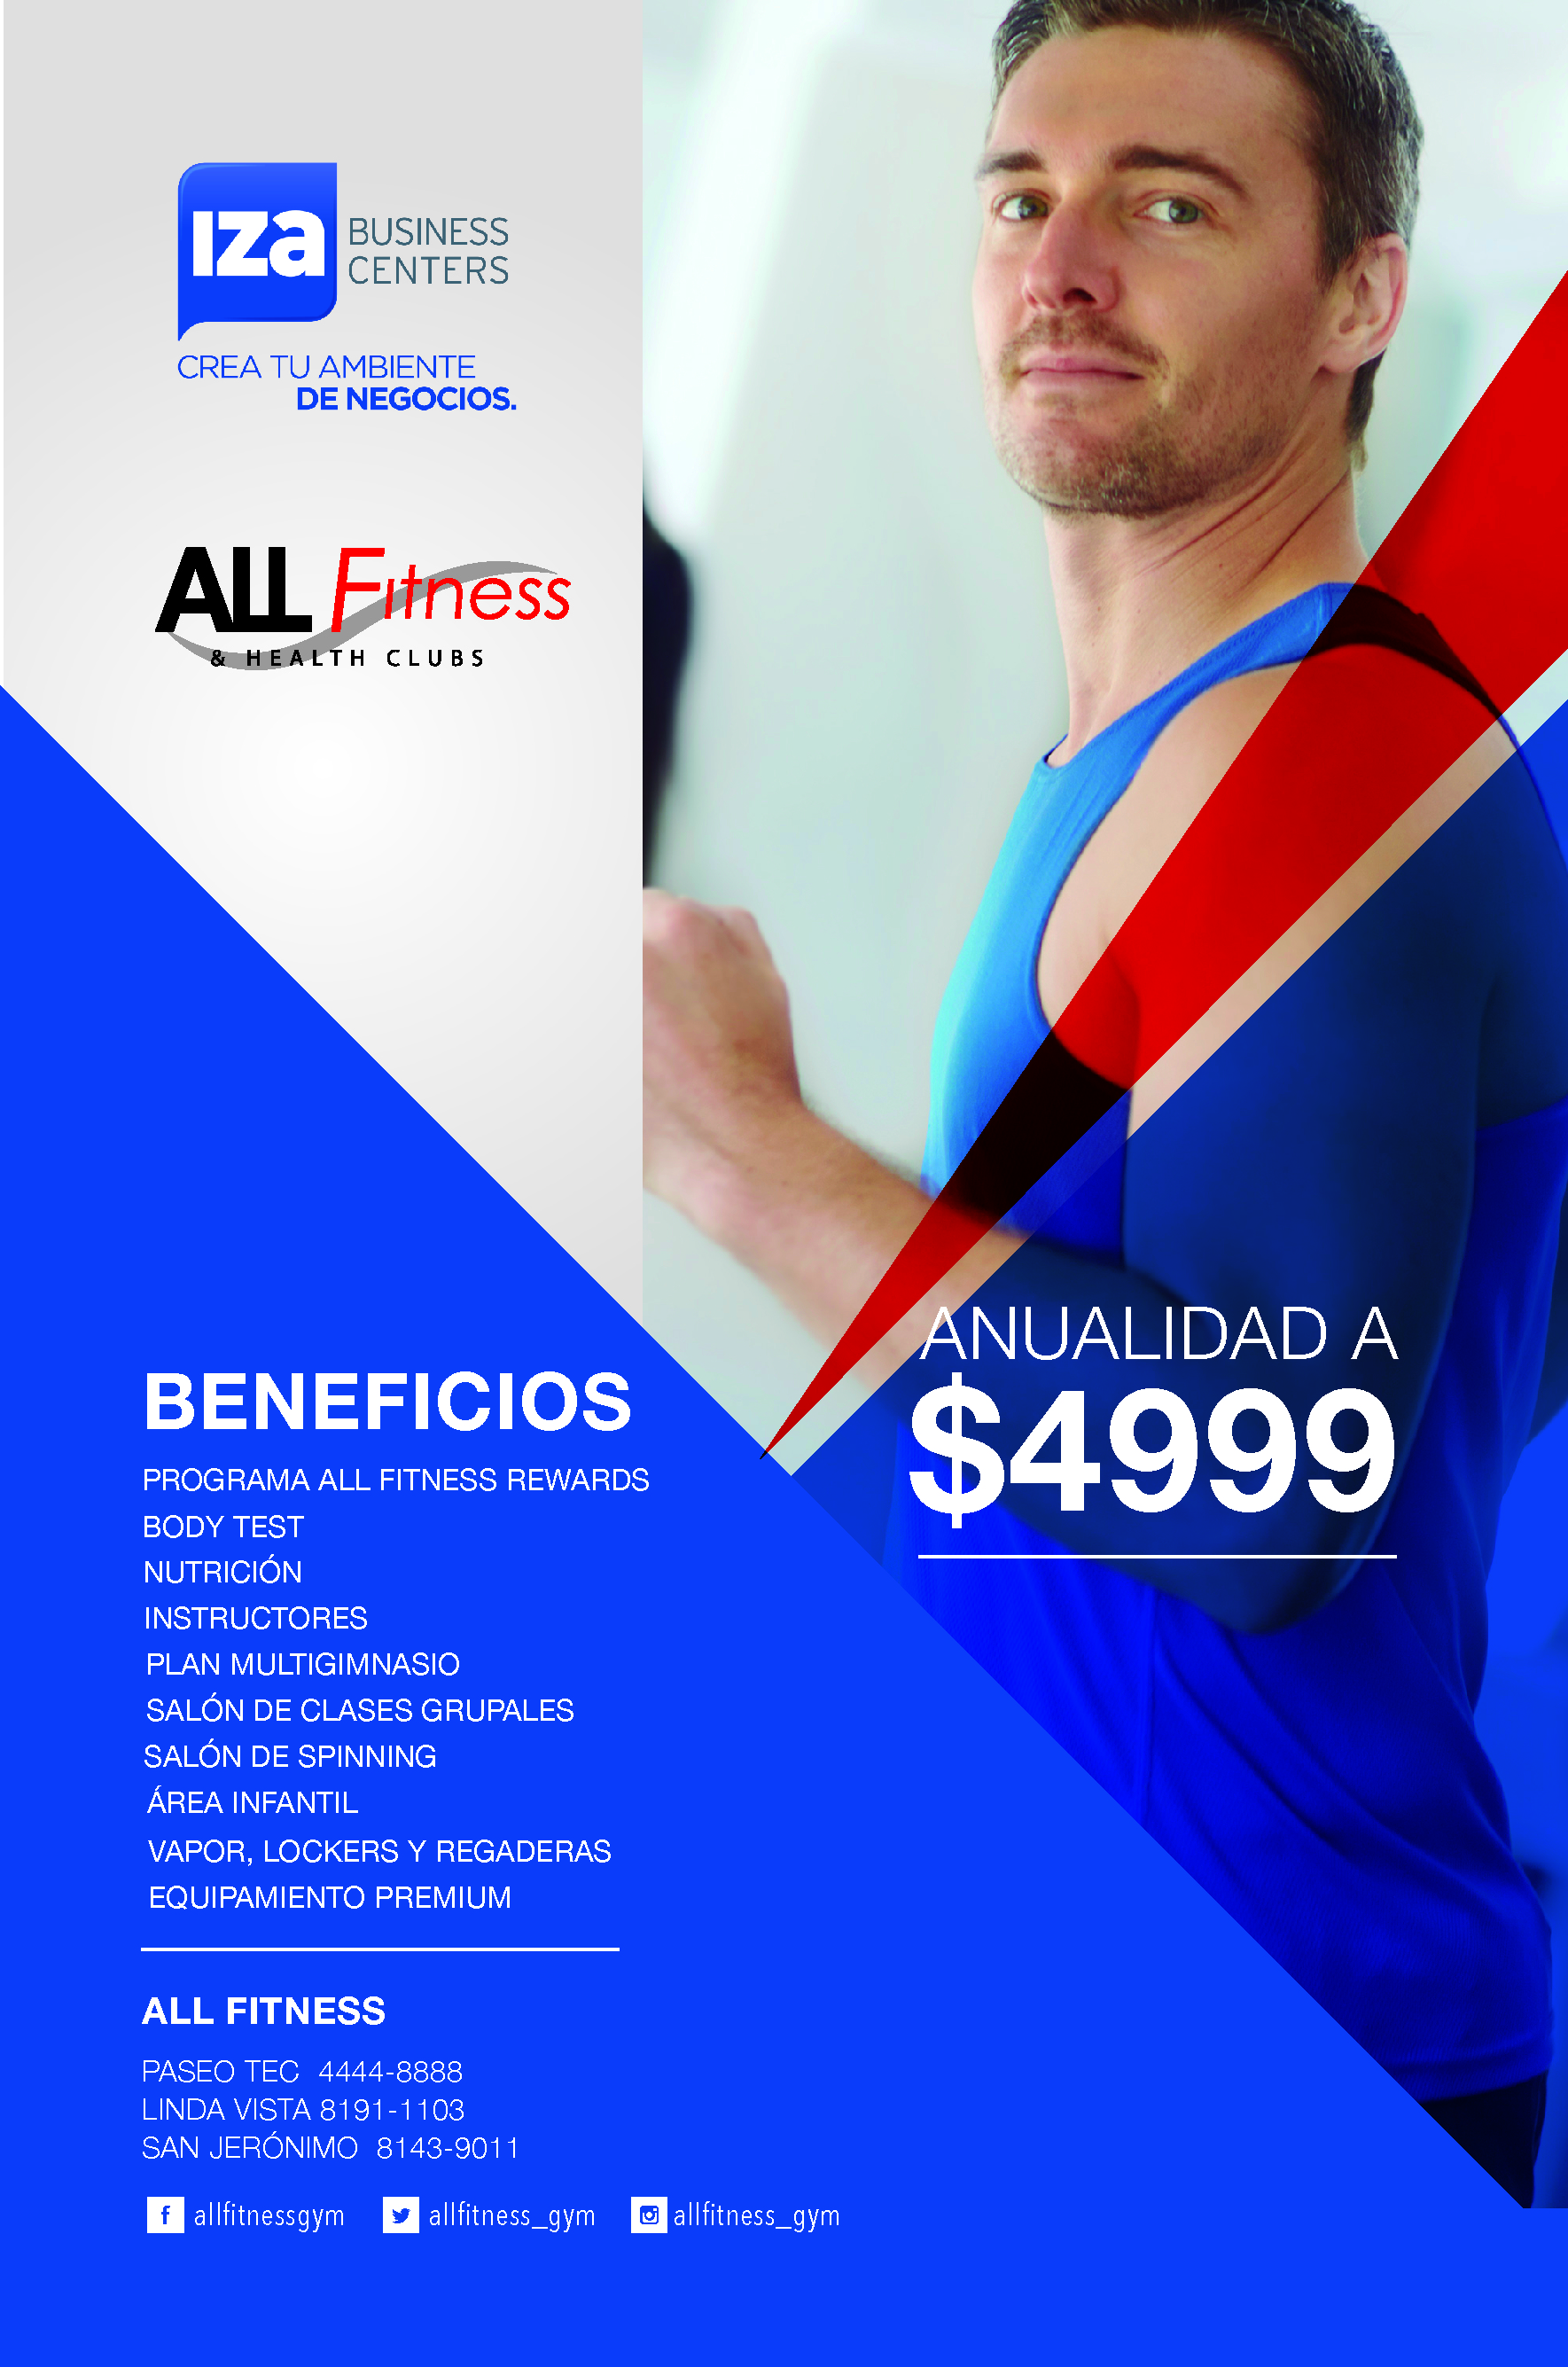 All Fitness beneficios cliente IZA BC -1